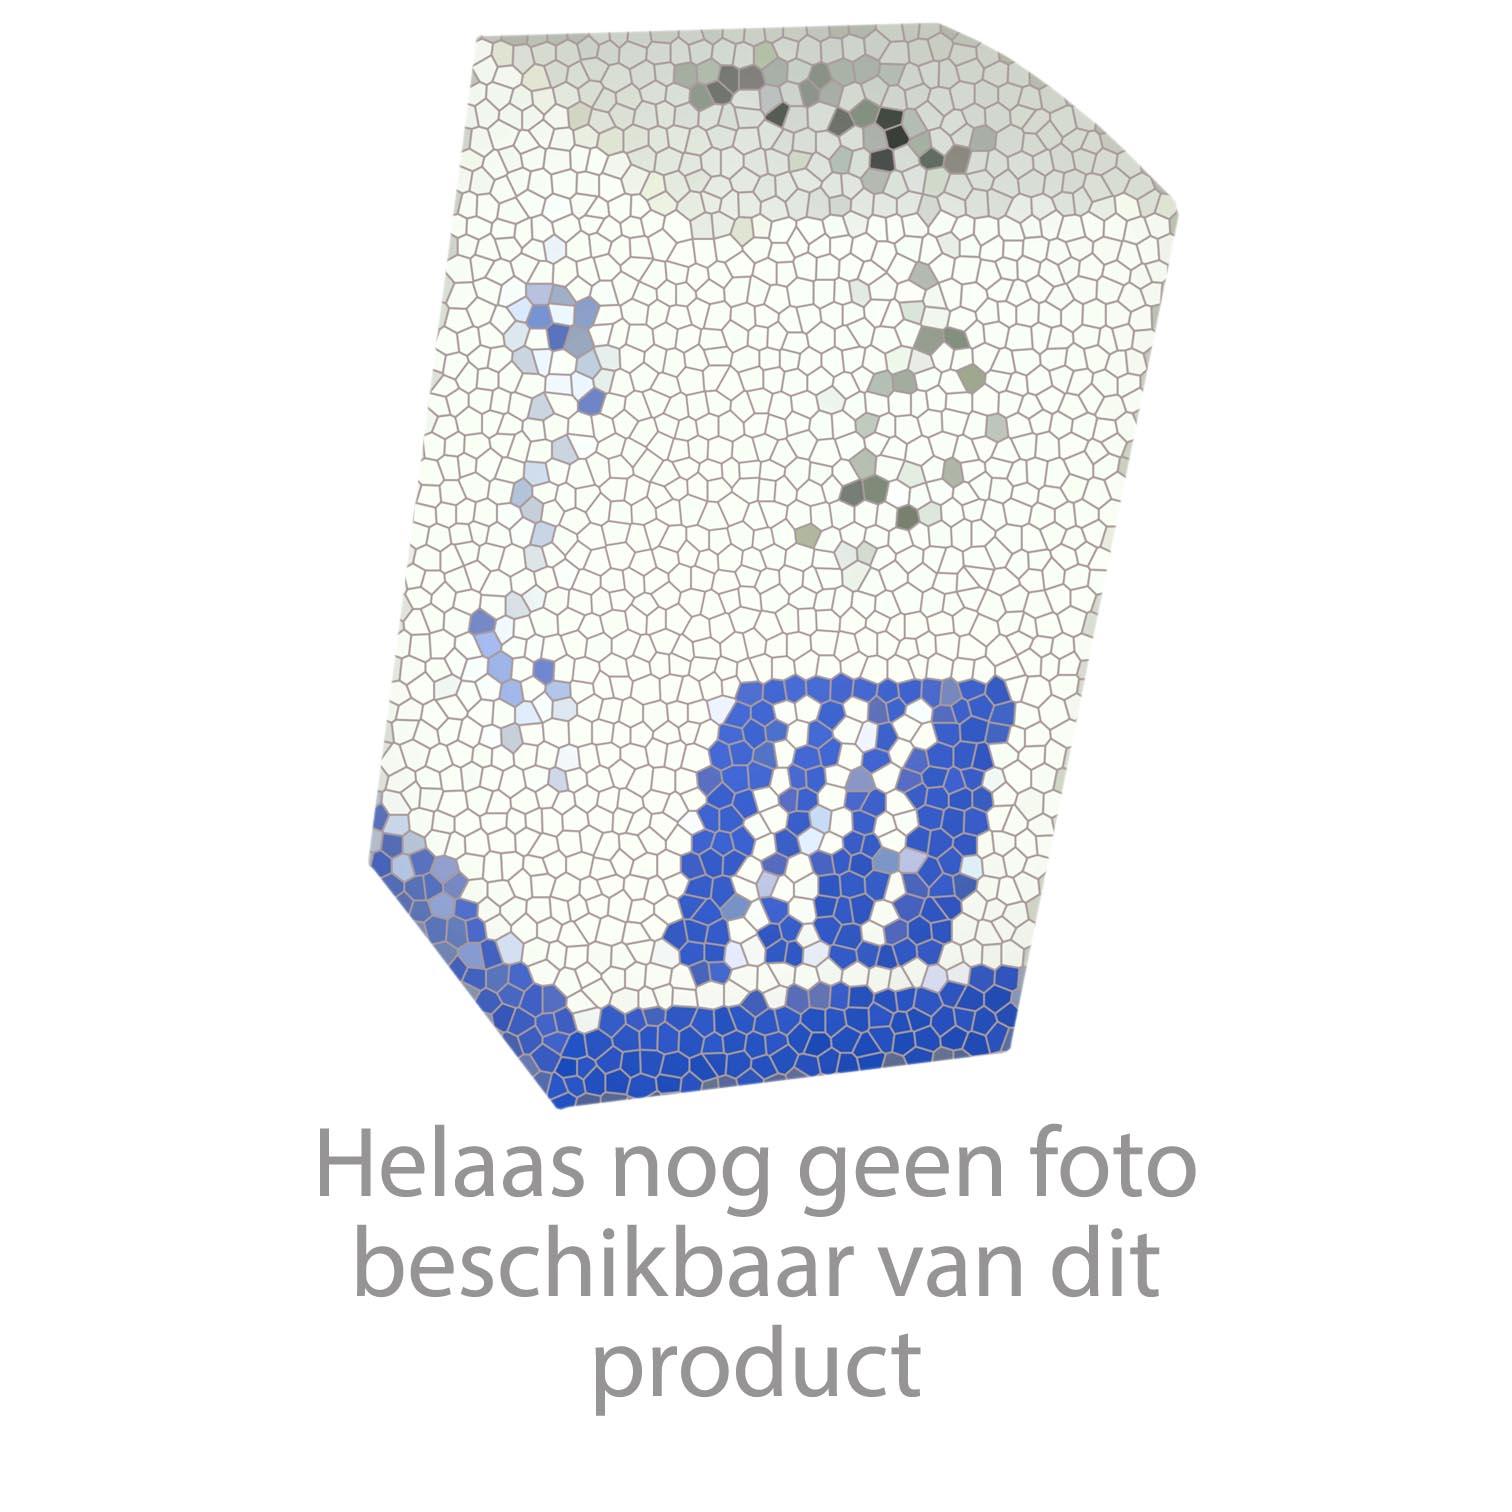 Hansa Hansajet Hansaduojet handdouche met clean chroom